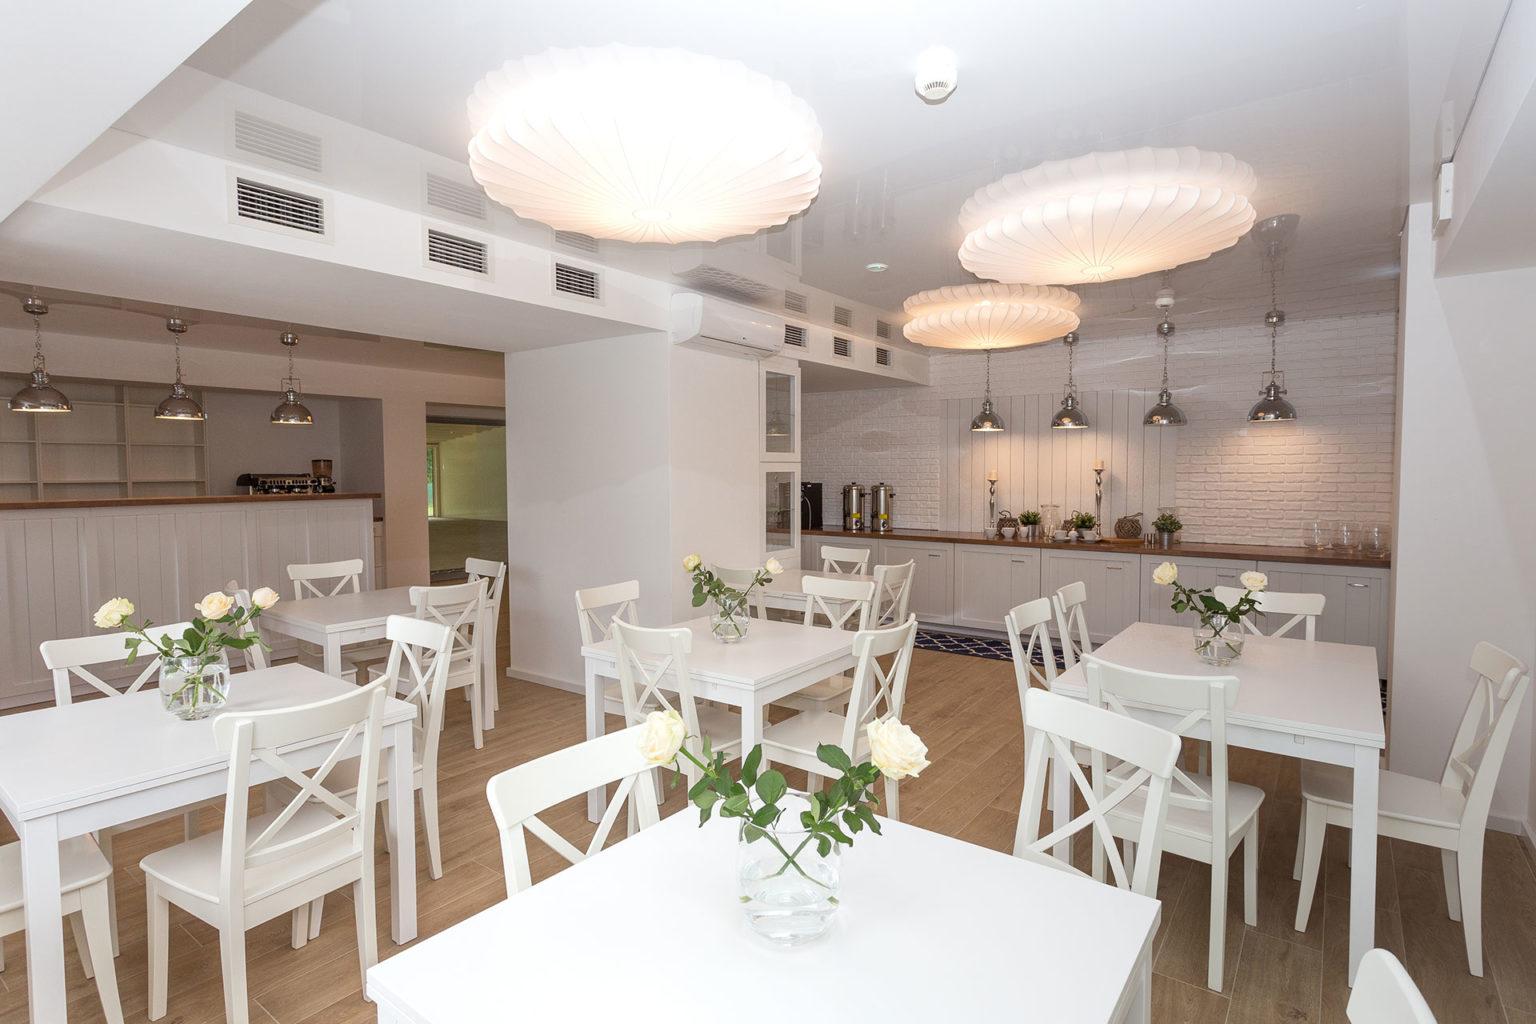 Noclegi ze śniadaniem w trzygwiazdkowym Hotelu Błękitny Żagiel w Gdyni.